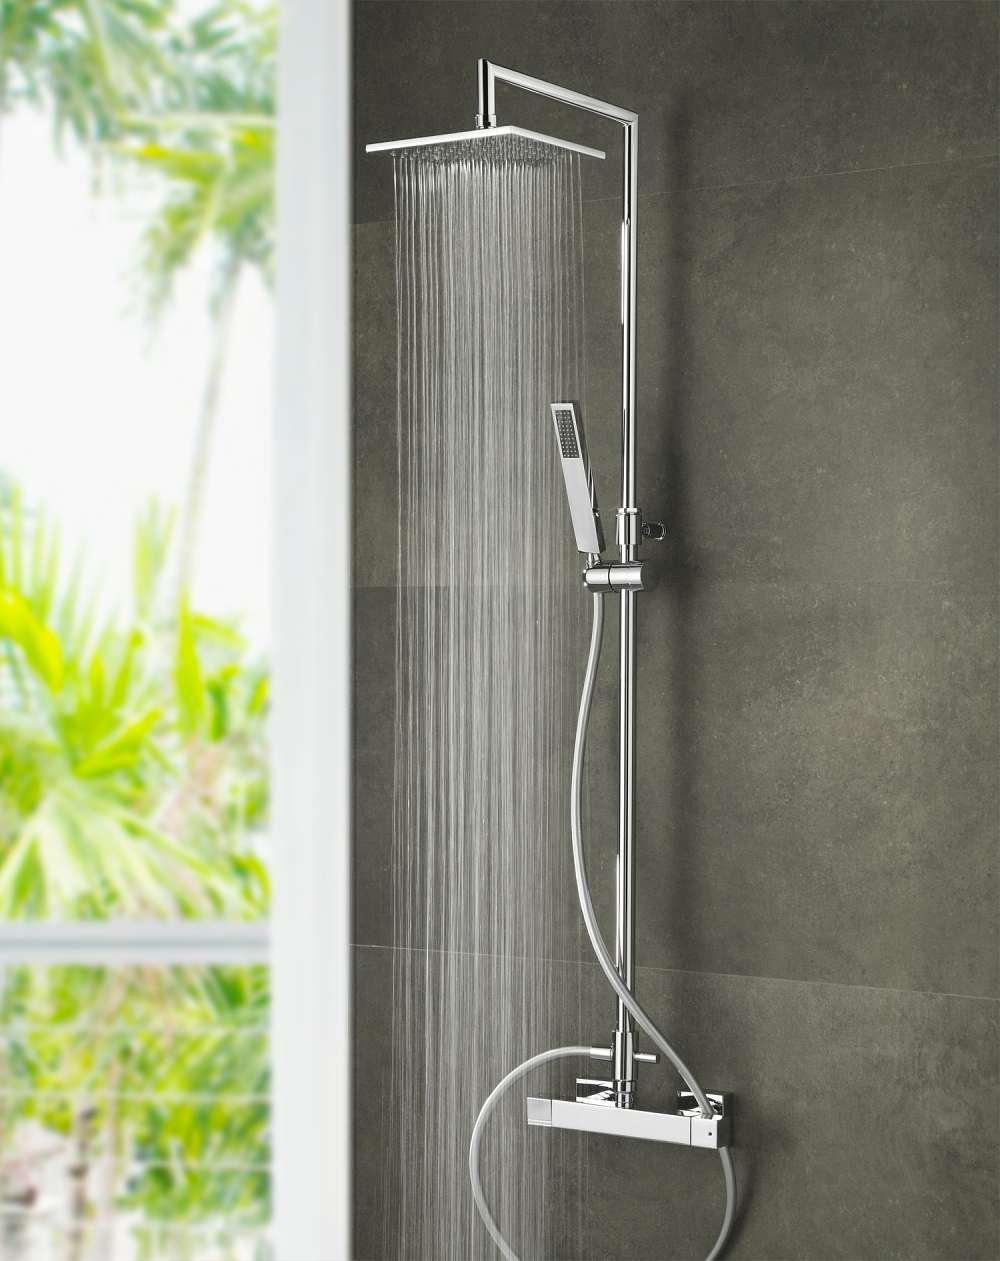 Tamano Minimo Baño Con Ducha:Ramon Soler siempre ofrece conjuntos de ducha que no solo son